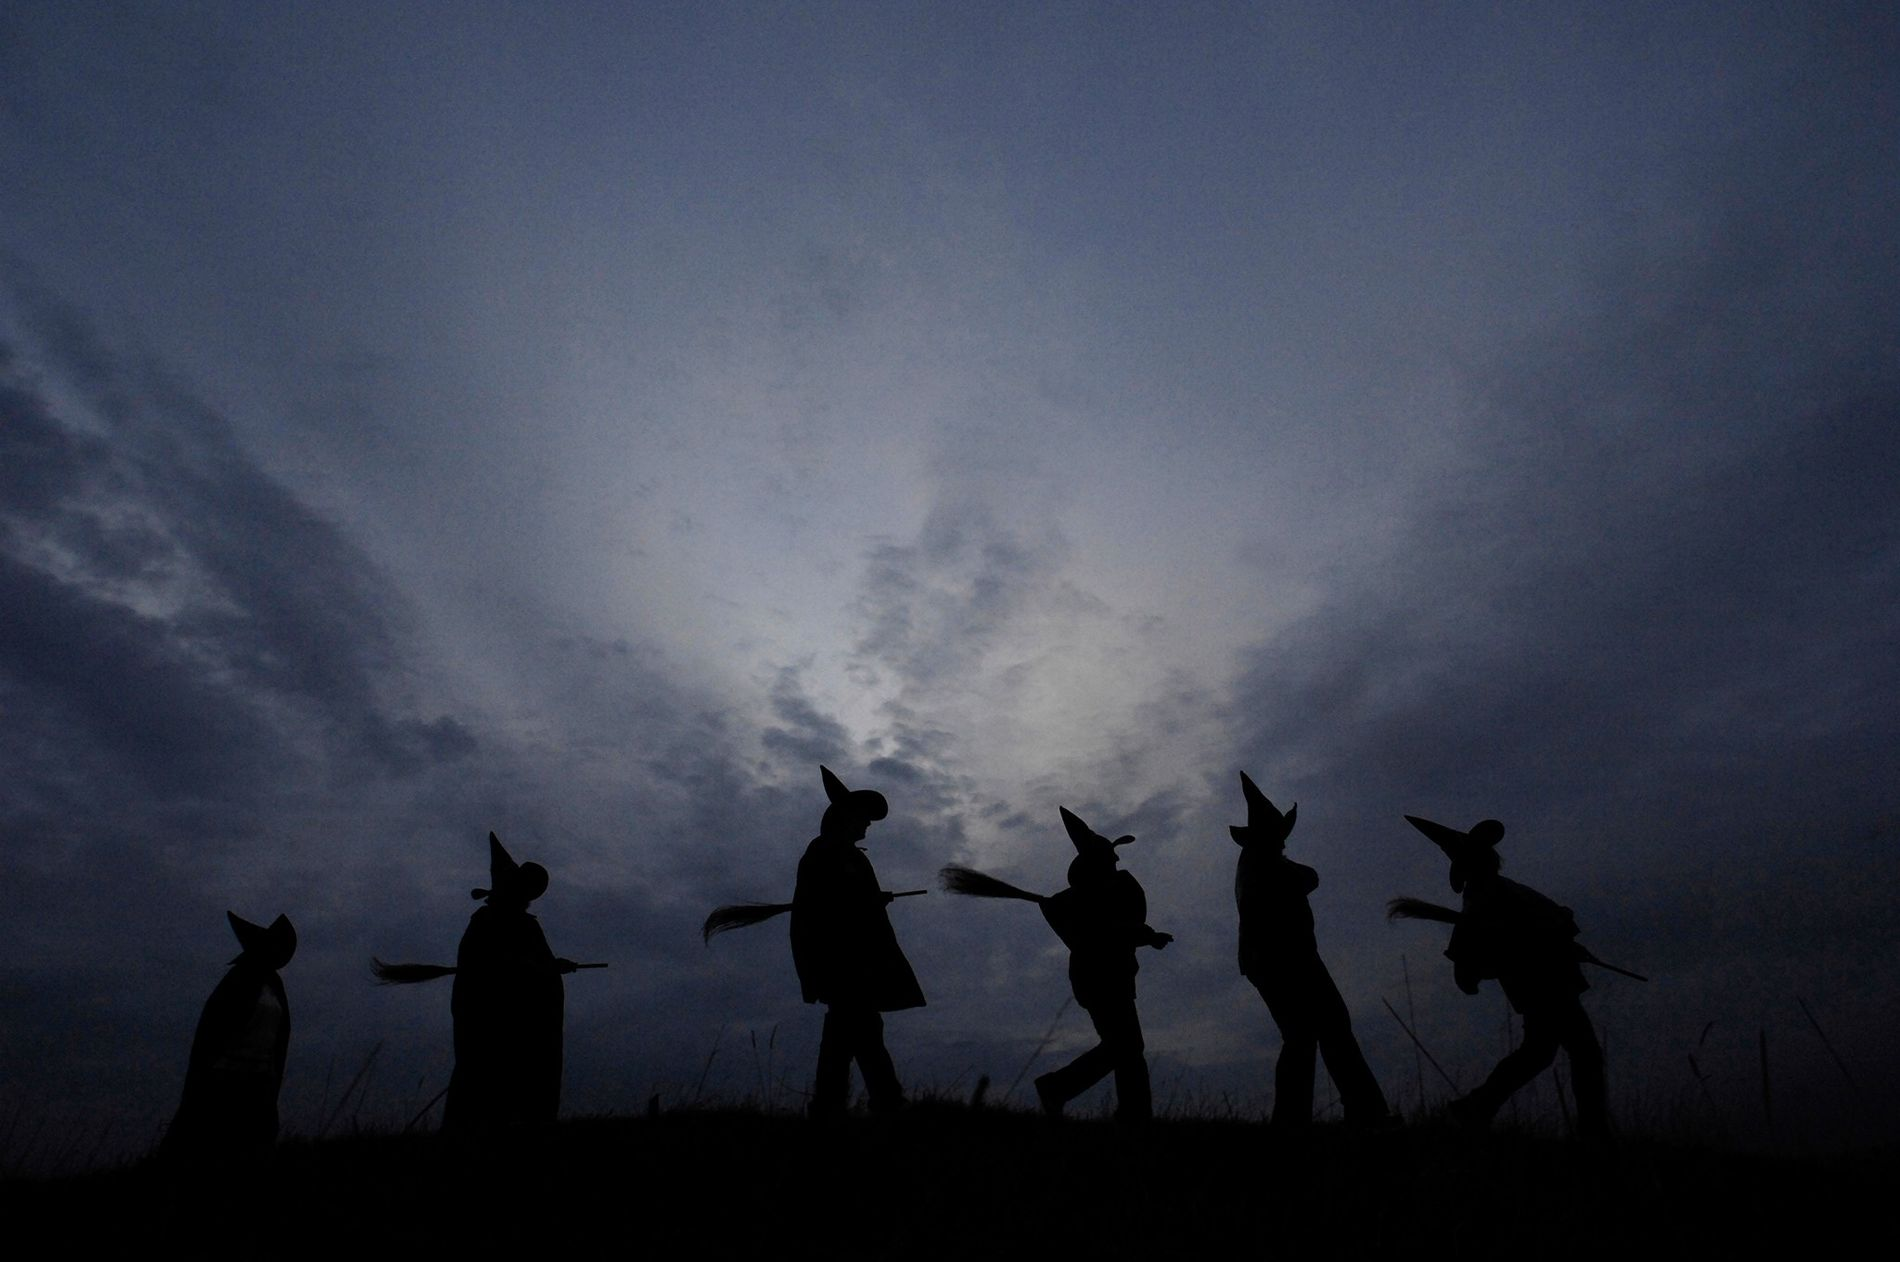 Celebraciones de Halloween en la oscuridad. Las tradiciones actuales como disfrazarse o el «truco o trato» tienen profundas raíces históricas.